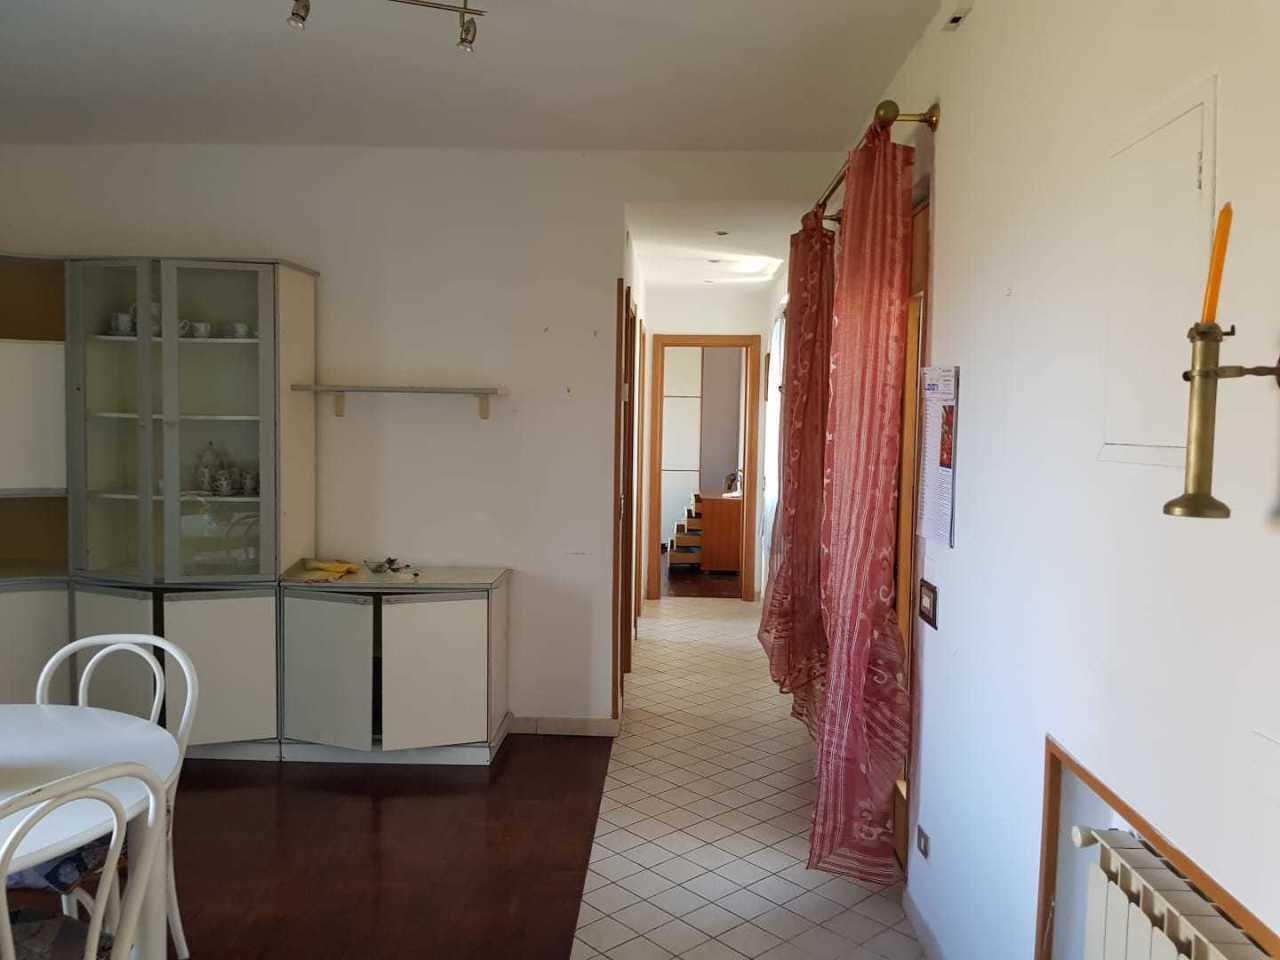 Casa semindipendente in vendita, rif. 2912